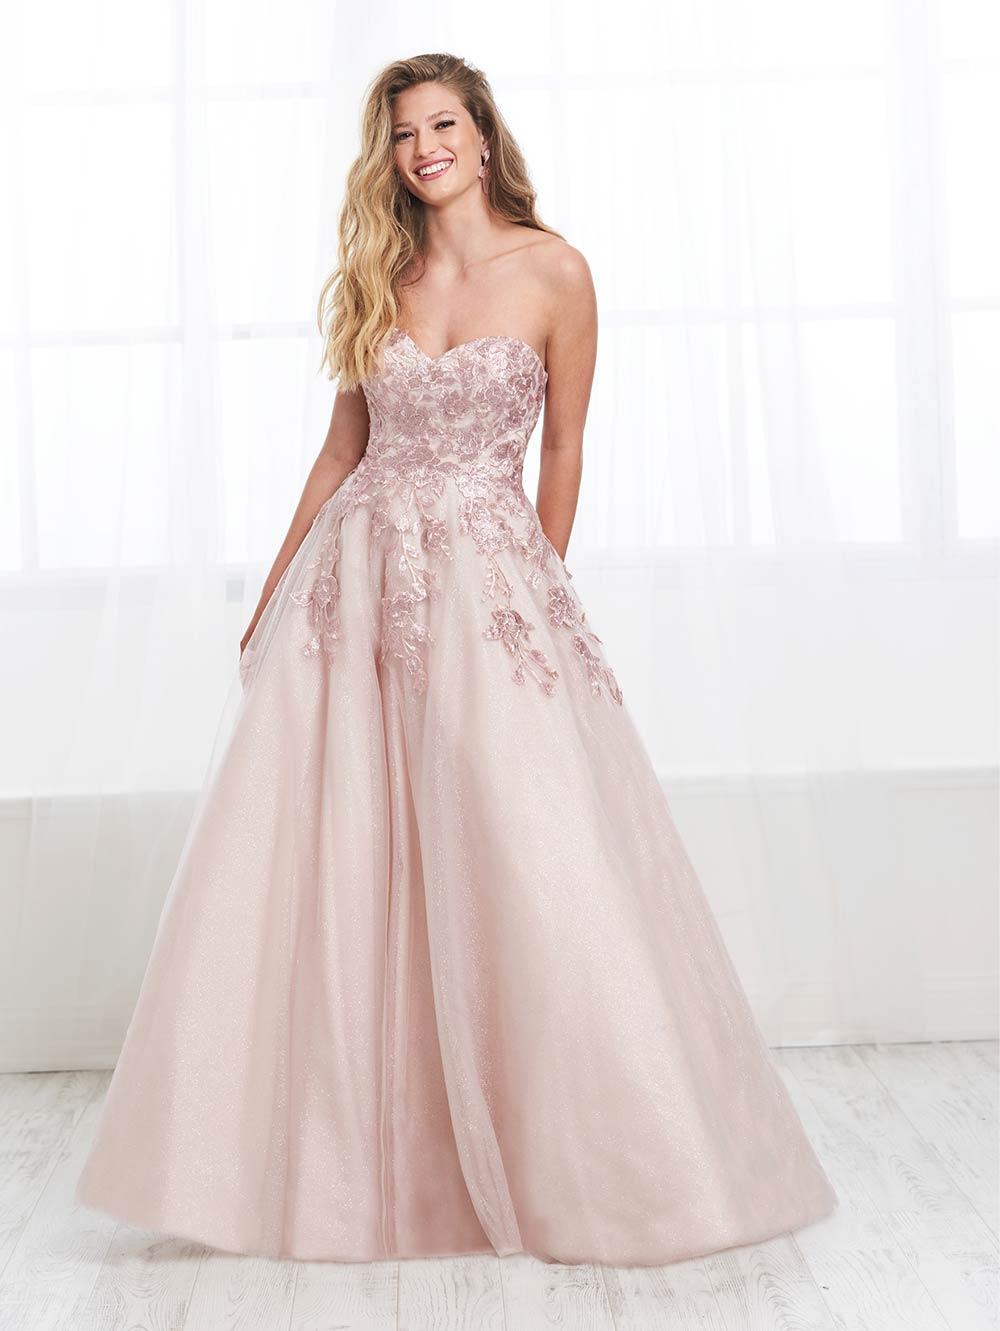 prom-dresses-jacquelin-bridals-canada-27639